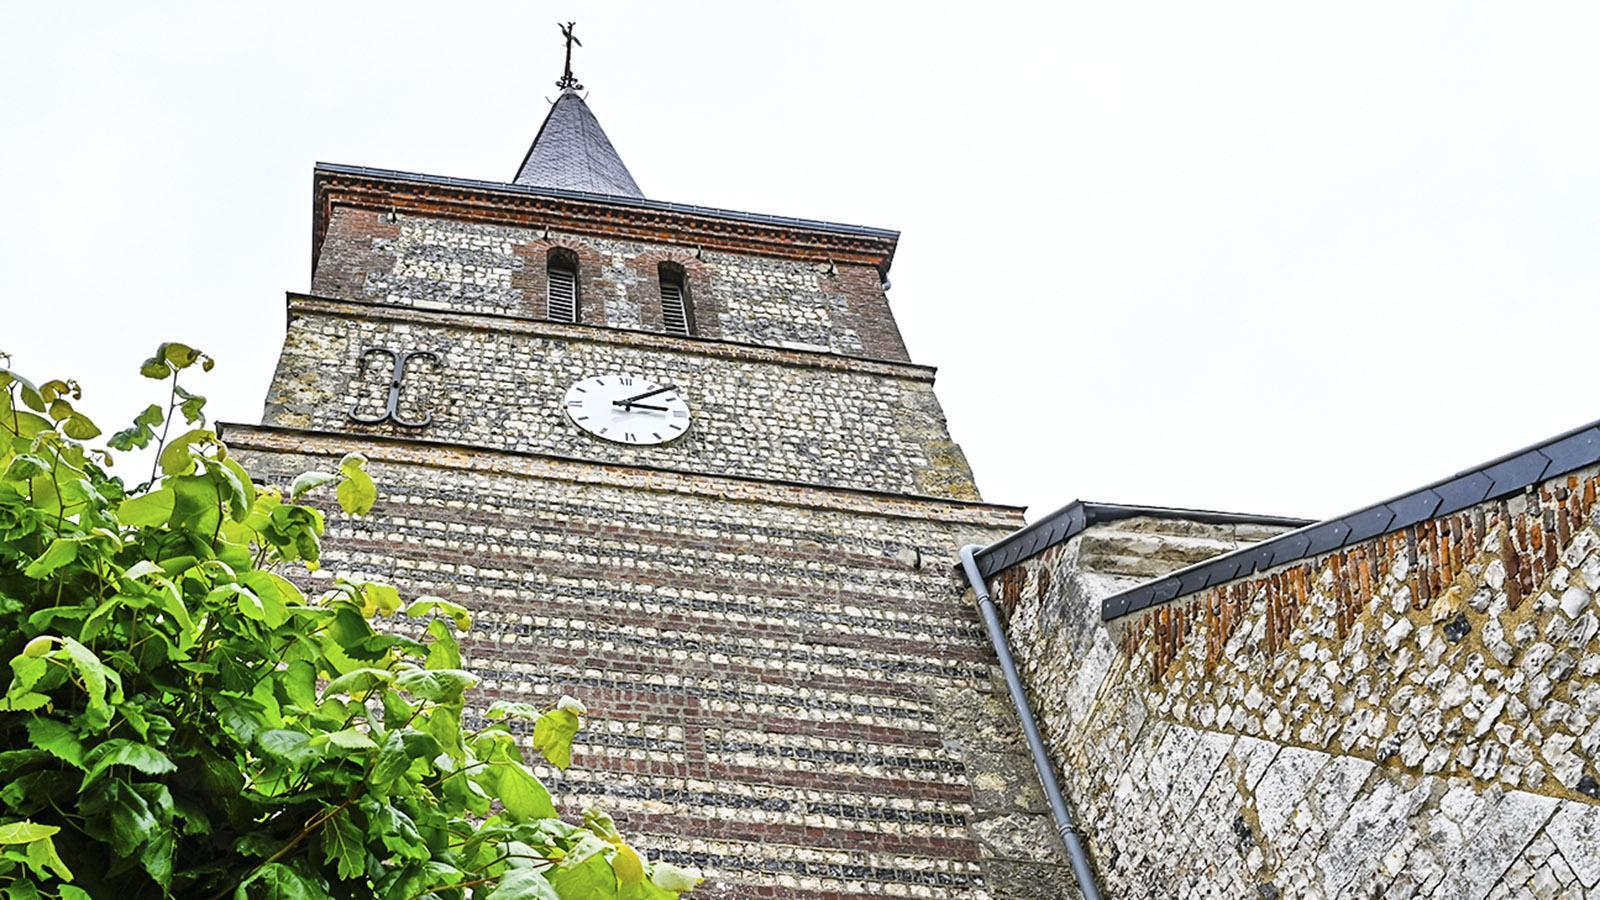 Die Kirche von Le Tilleul mit dem typischen Wechseln von dunklem und hellem Feuerstein sowie Backstein. Foto: Hilke Maunder